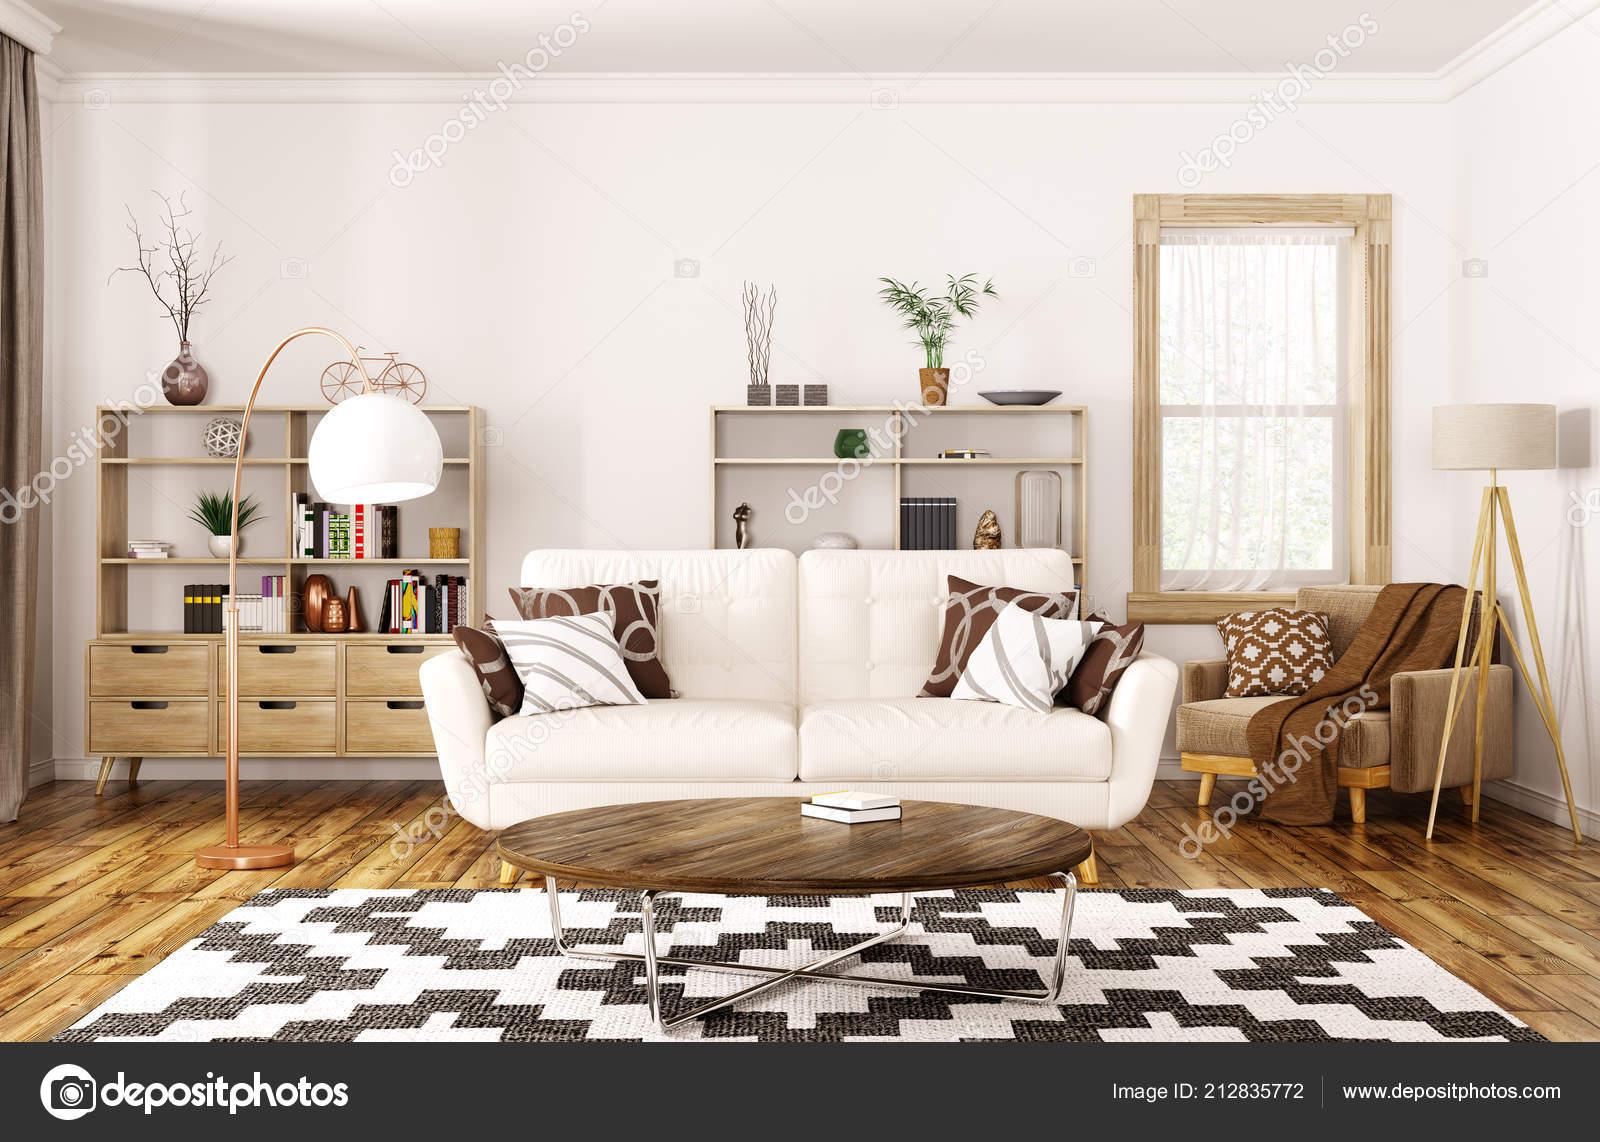 Arredamento moderno della casa soggiorno con divano beige rendering